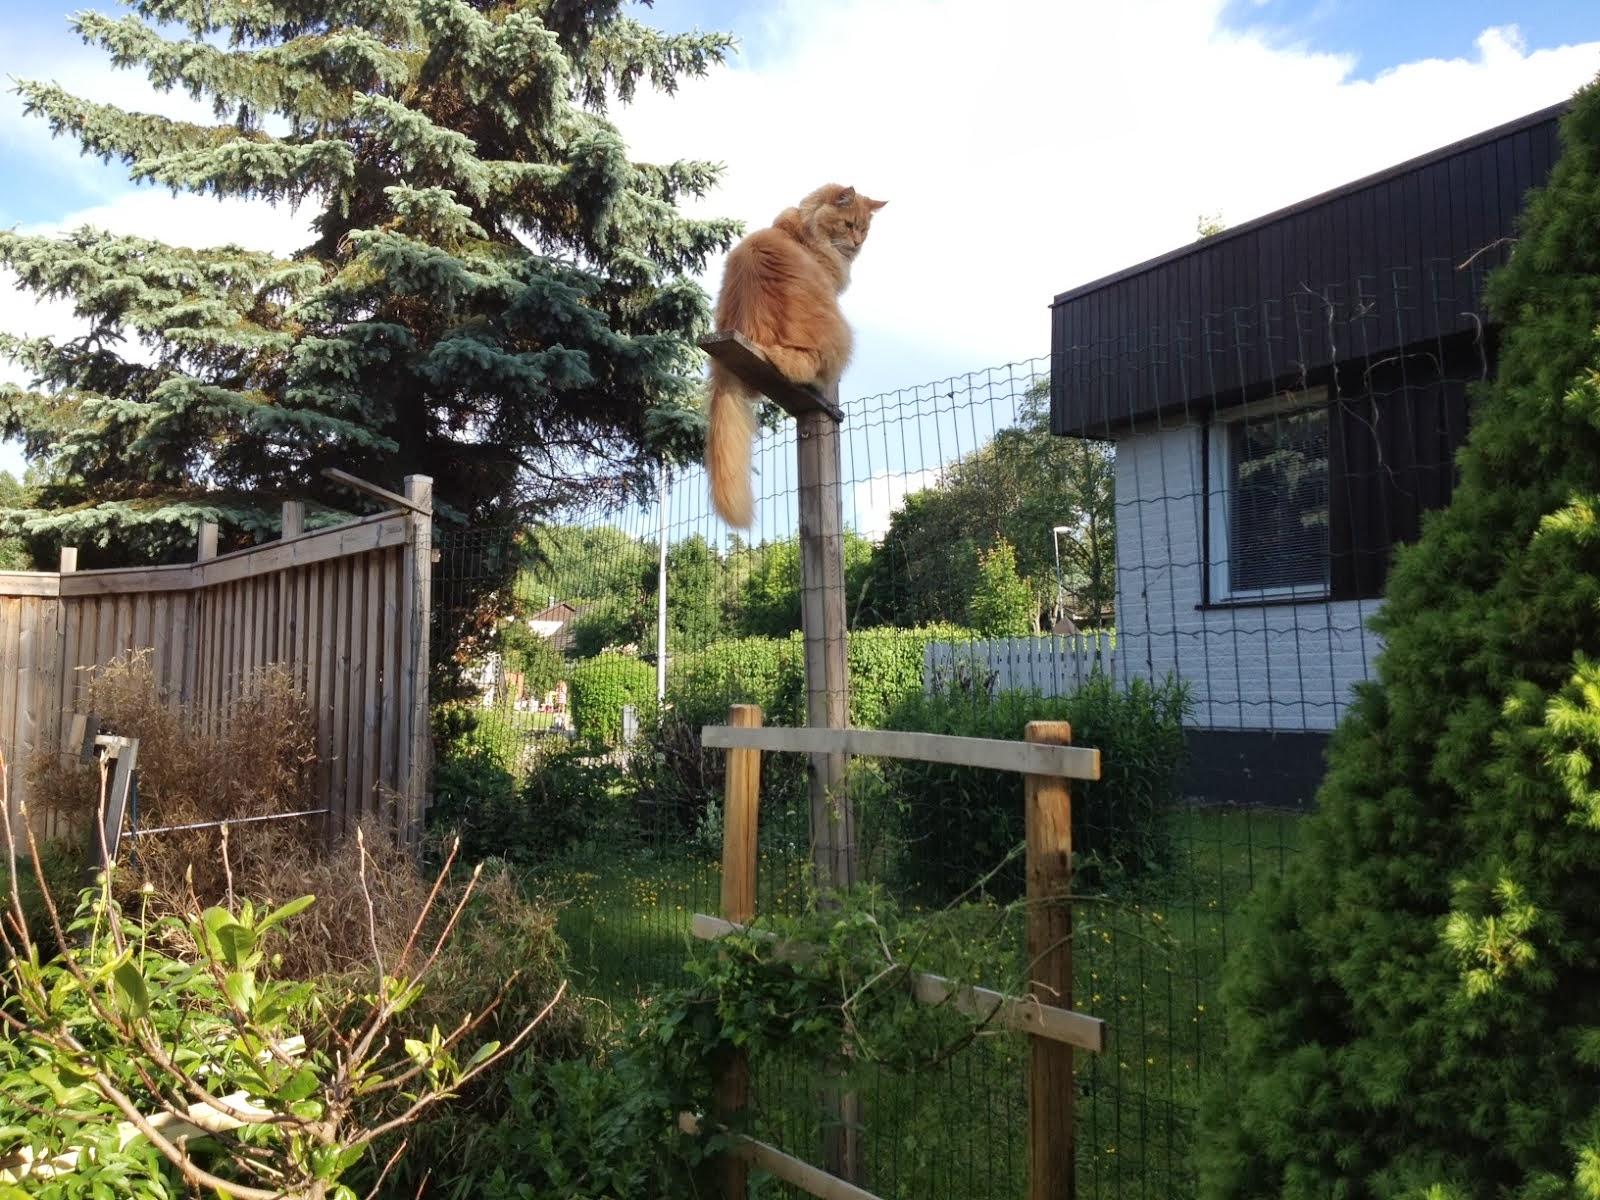 Zammy har börjat klättra igen